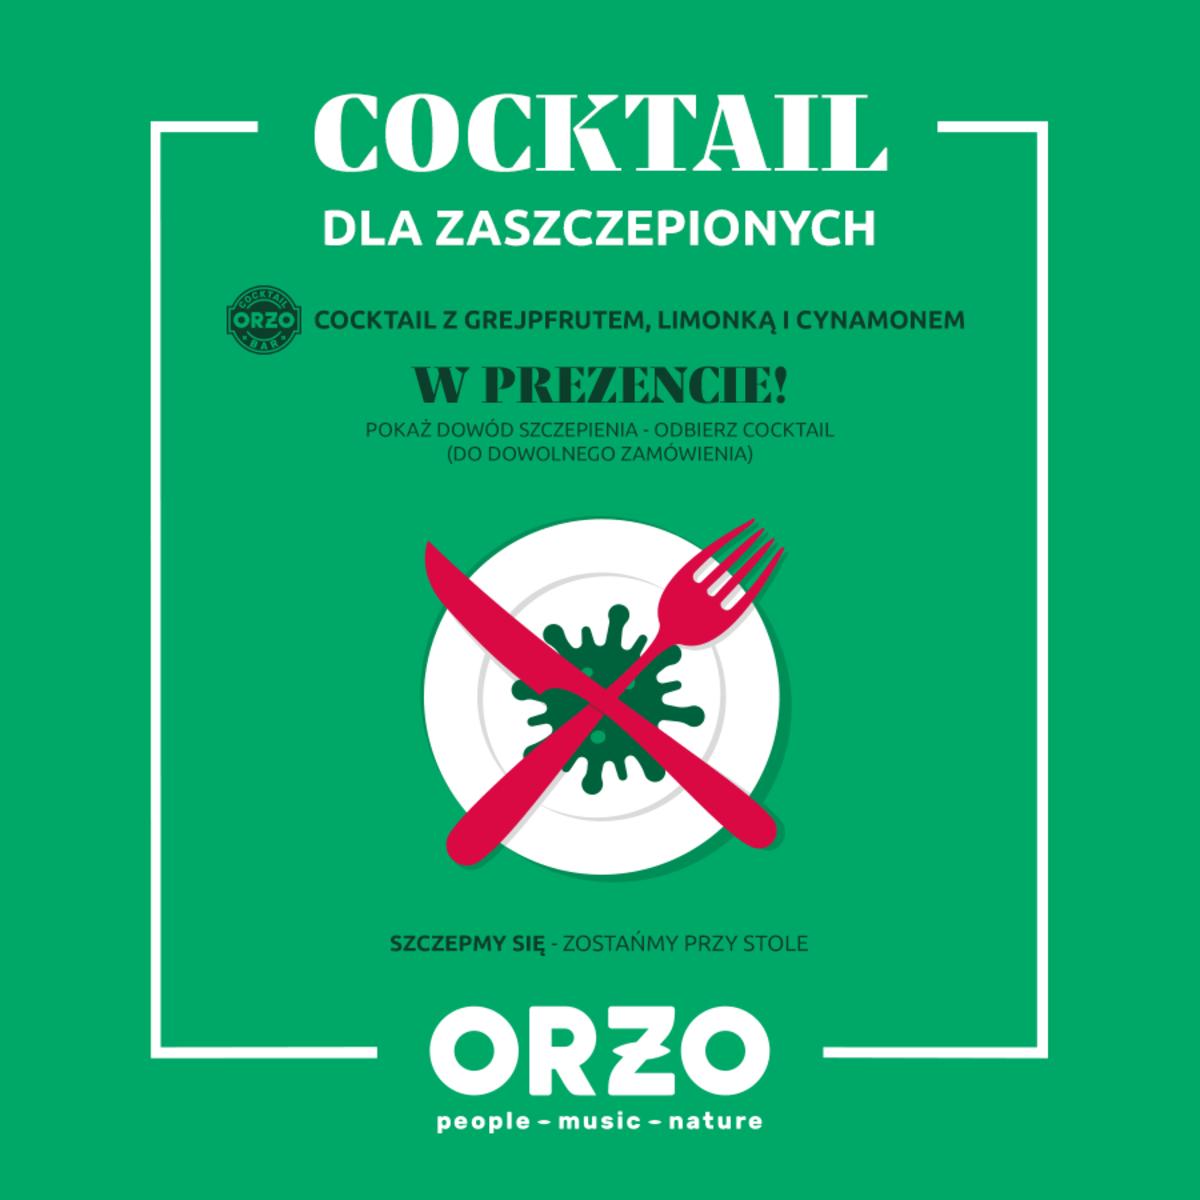 Darmowe koktajle dla zaszczepionych w Orzo